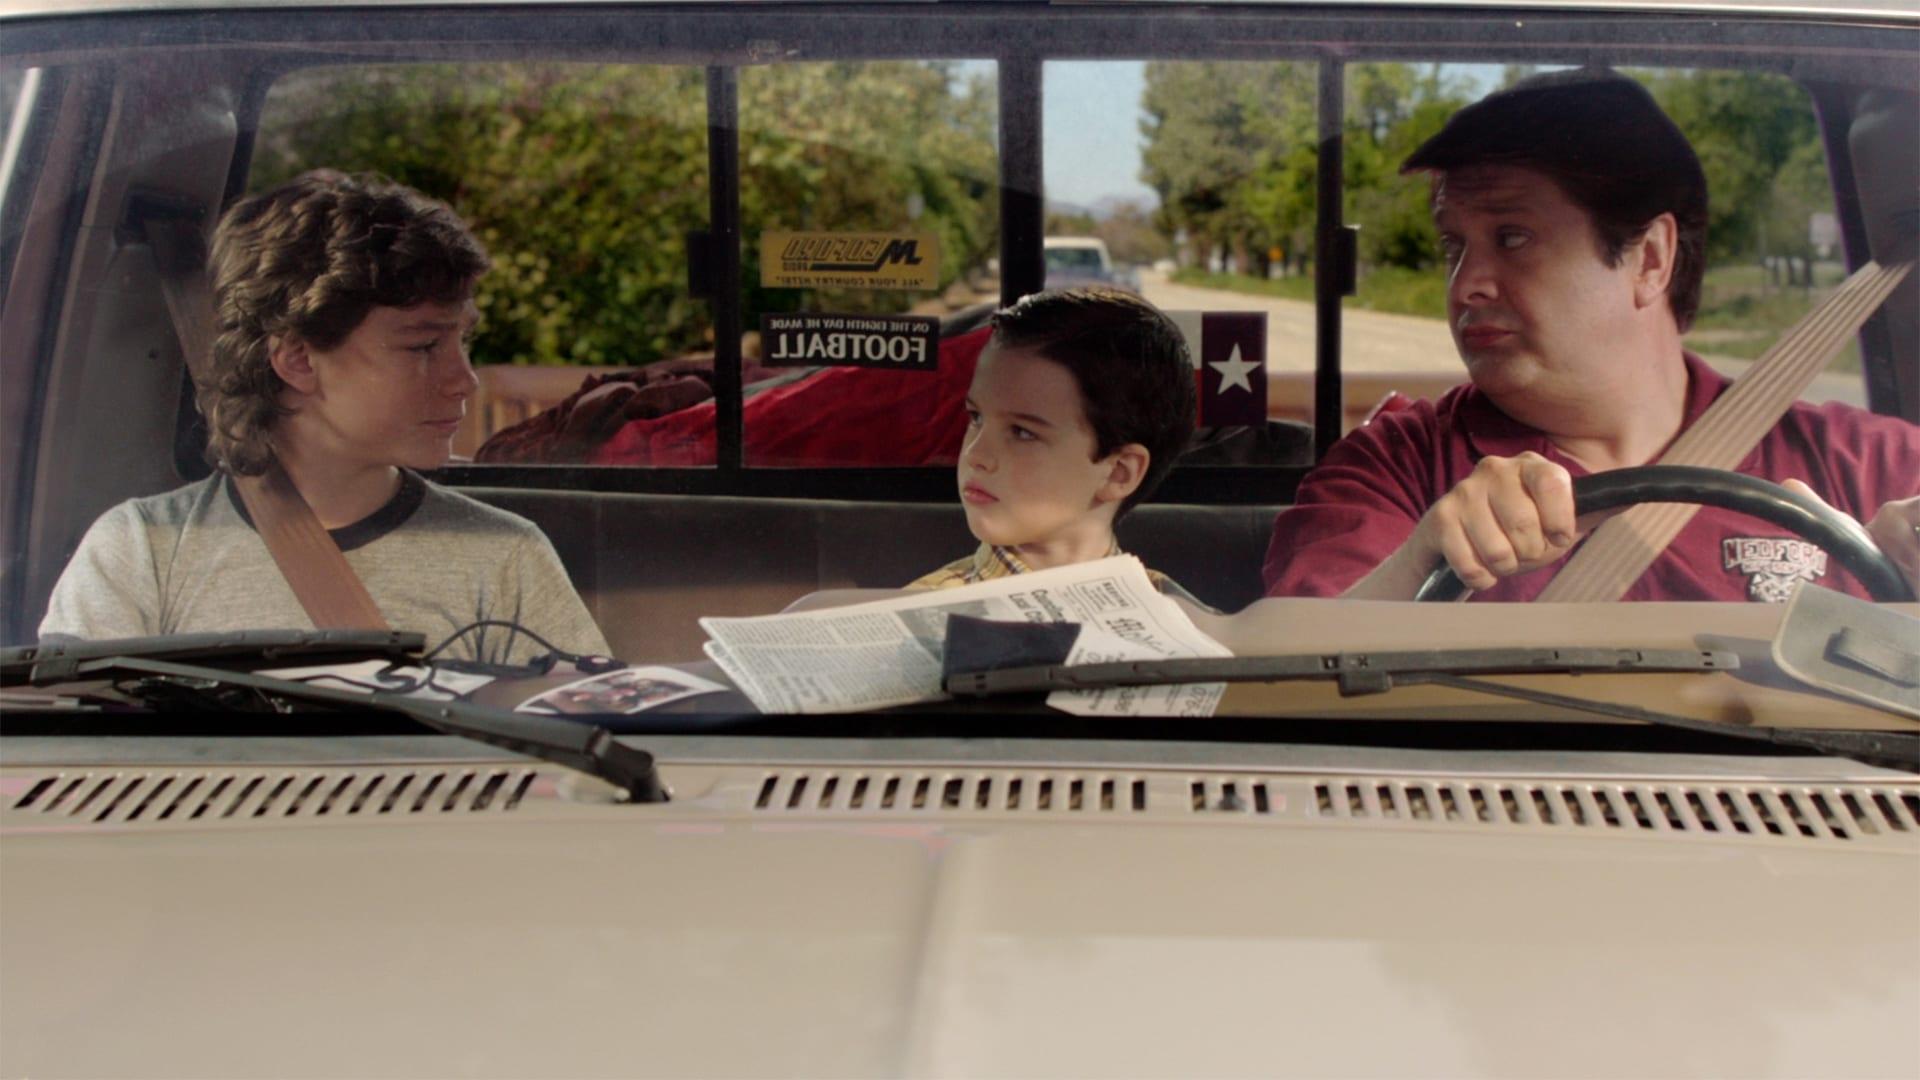 Young Sheldon Season 1 :Episode 5  A Solar Calculator, a Game Ball, and a Cheerleader's Bosom